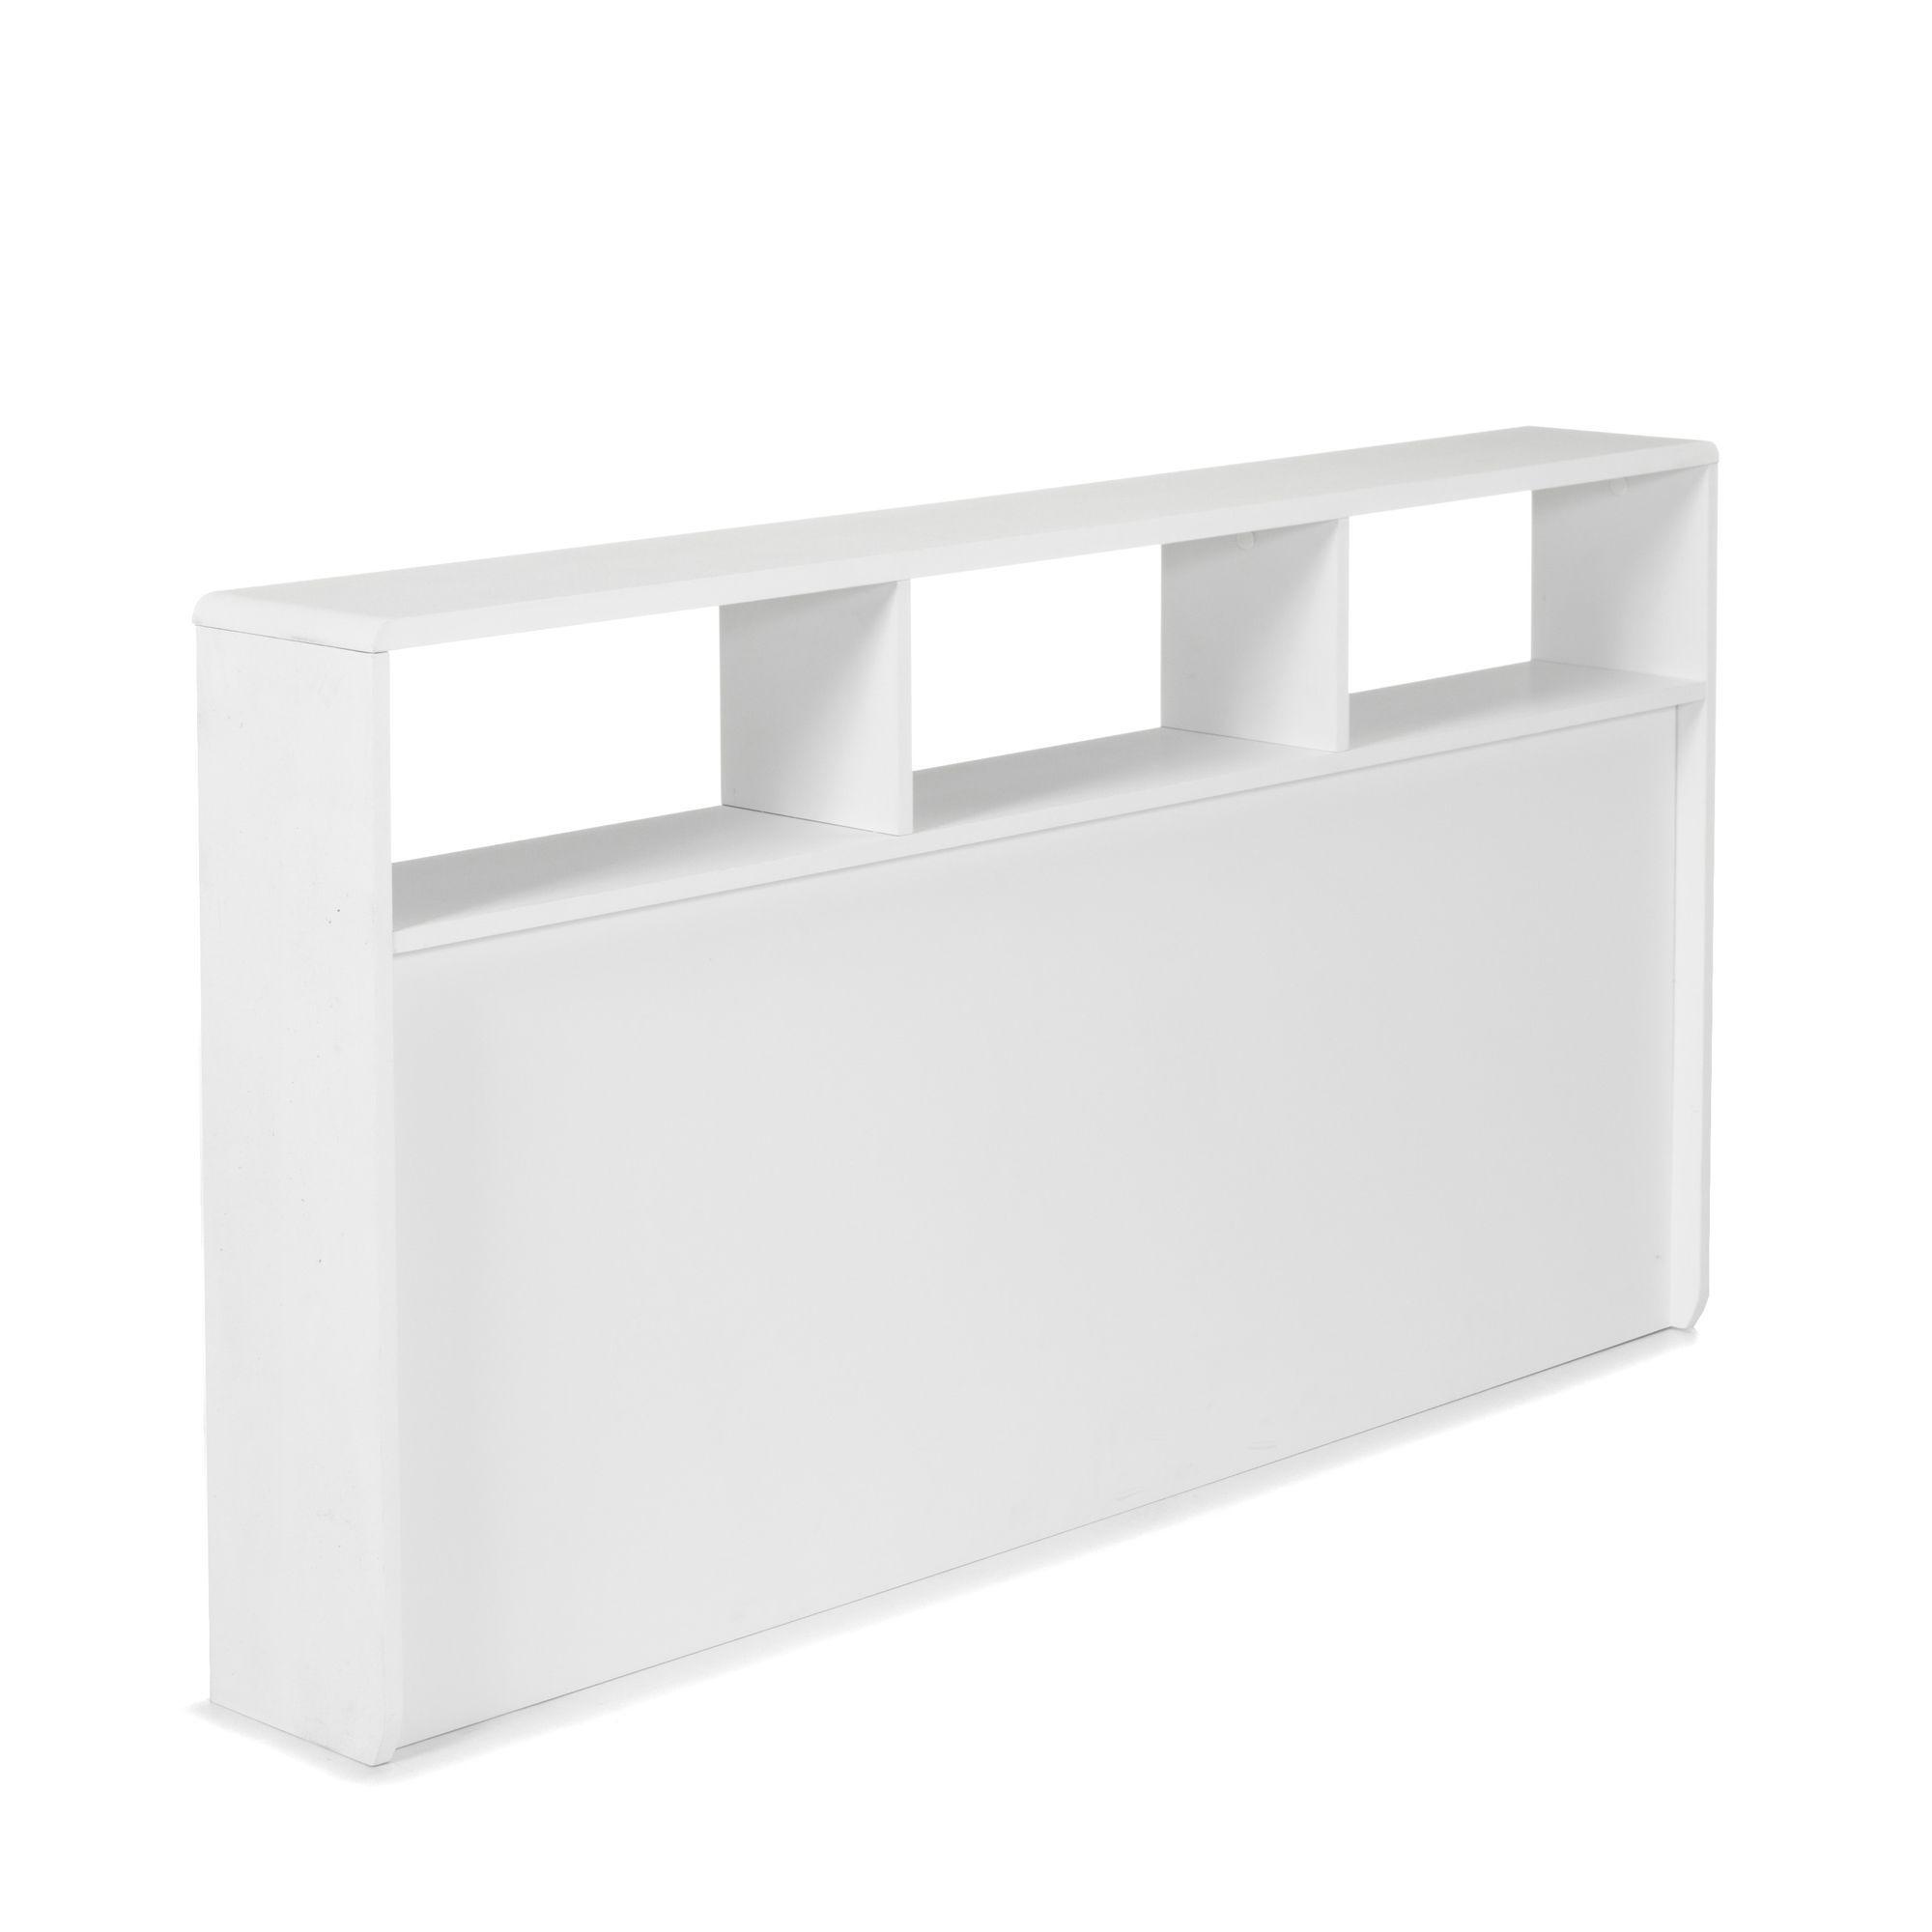 Tete De Lit Pour Lit 140 Cm Blanc Cool Tiroirs Et Tetes De Lit Les Lits Chambre Decoratio Tete De Lit Blanche Tete De Lit En Bois Blanc Lit Rangement